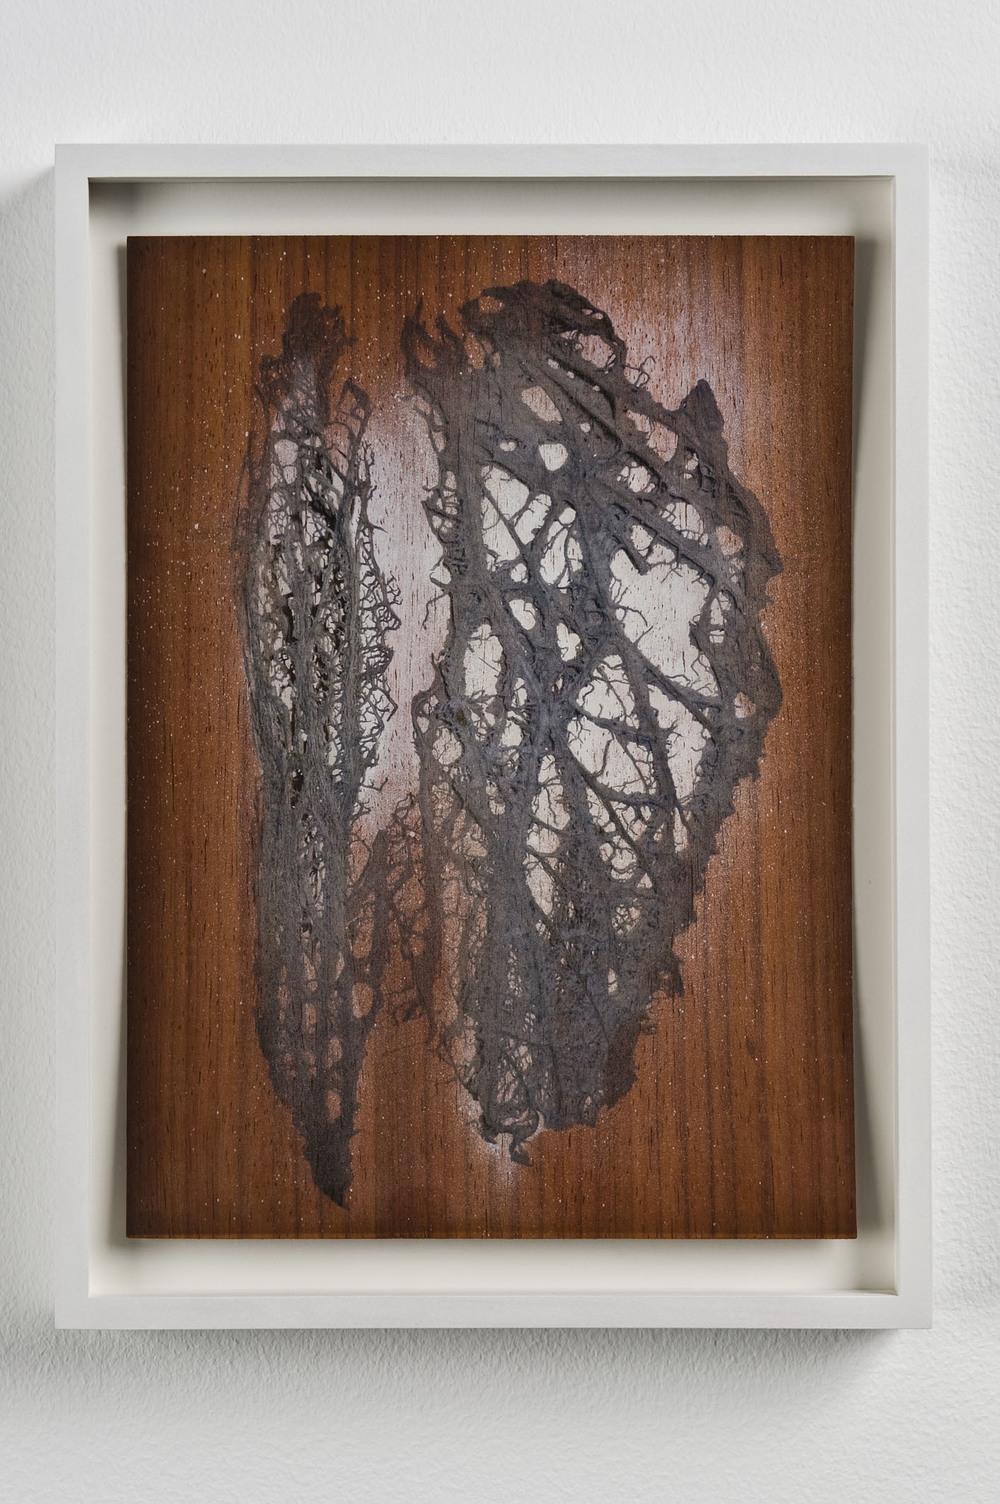 Luca Trevisani, Perscrutamini naturas rerum B, 2011. Stampa UV su legno di ciliegio, 29,7 x 21 cm  (Courtesy Galleria Mehdi Chouakri, Berlino)